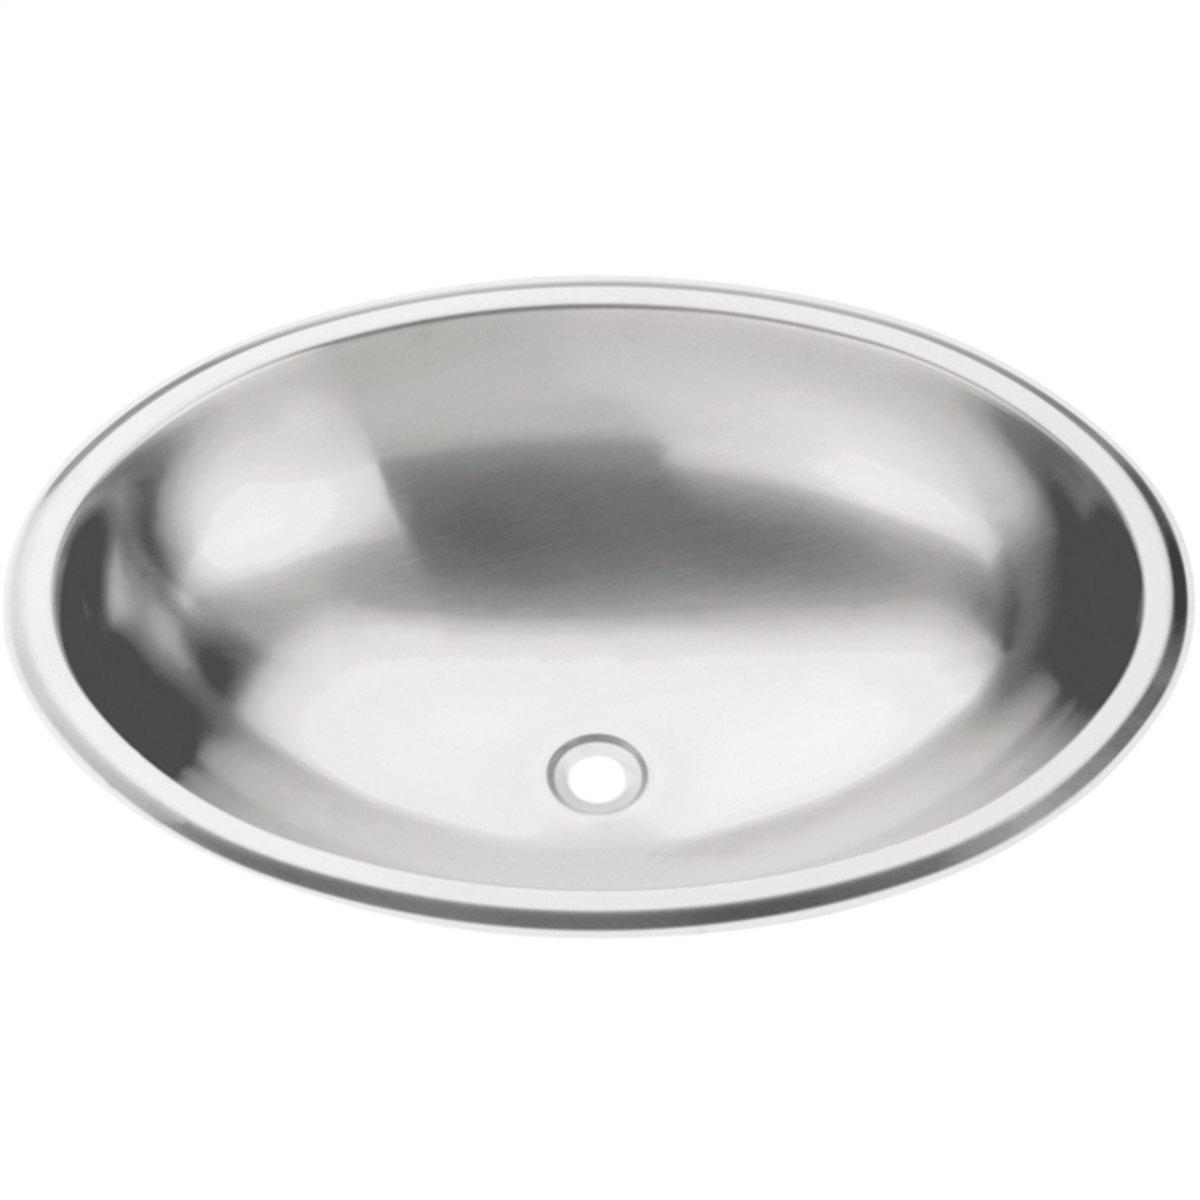 Lavabo Oval de sobrepor Tramontina em Aço Inox com Acabamento Acetinado 40x27 cm  Tramontina 94115107